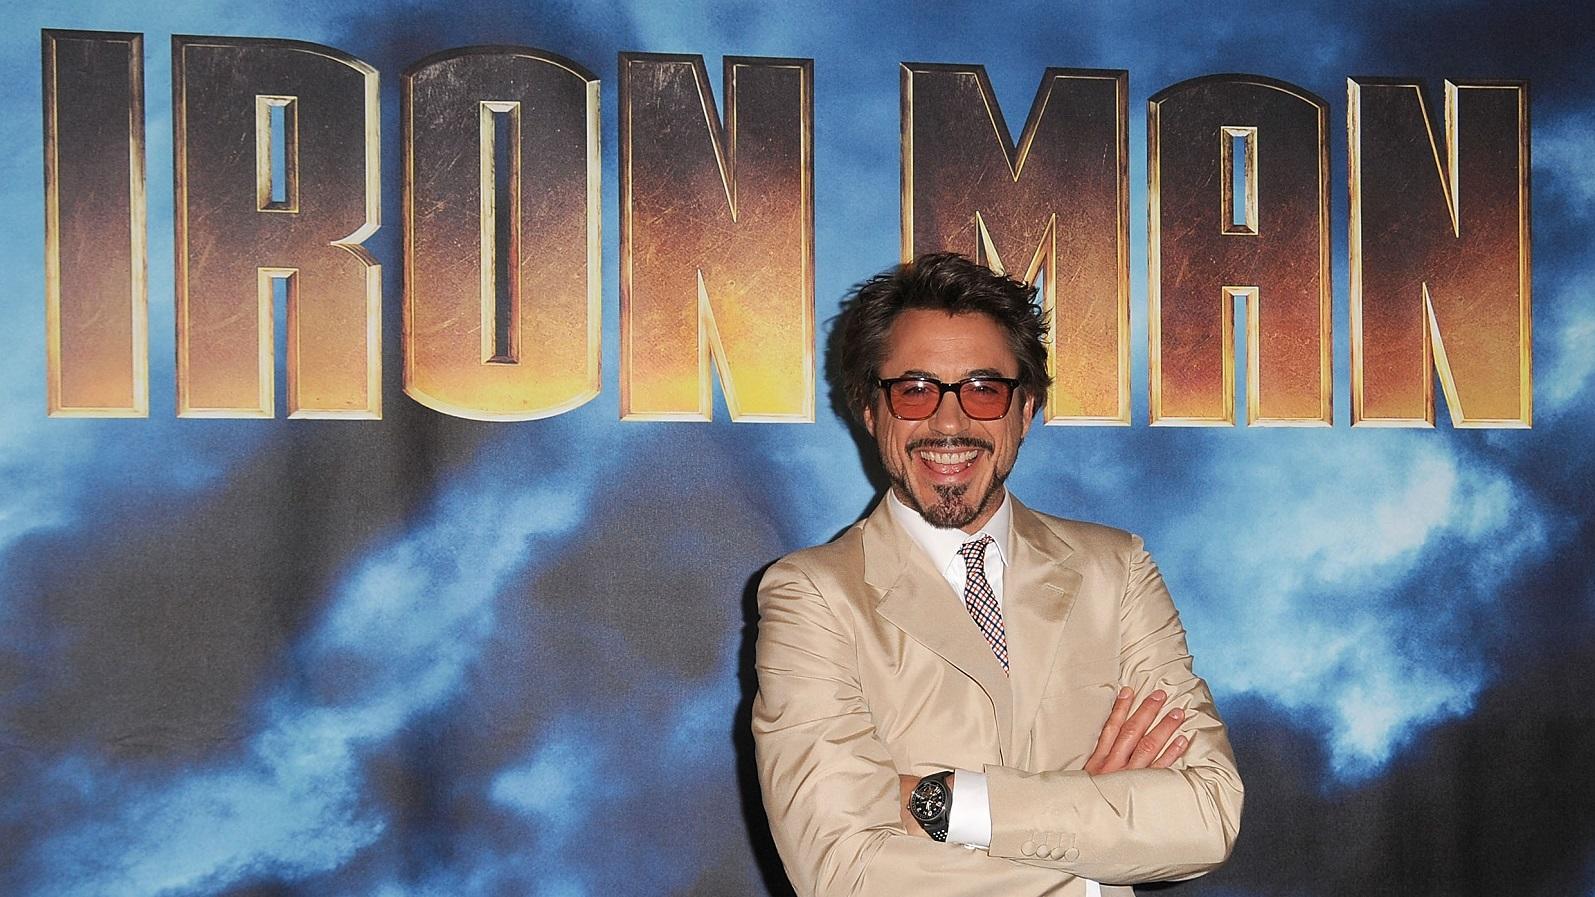 """Míg általában ez inkább elrettentette a rendezőket, Jon Favreau kifejezetten előnyösnek találta Downey Jr. múltját. """" Robert életének legborzalmasabb pillanatai a közönség előtt zajlottak. Az akadályok leküzdéséhez rá kellett találnia a belső egyensúlyra. Ez tisztára Tony Stark. """"Robert olyan mélységeket érint, melyek messze túlmutatnak egy szimpla képregényhős karakterén """"-mondta egyszer Favreau, majd hozzátette, hogy Stark, Downey-nak köszönhetően egy """"szerethető seggfej"""" lett. (Getty Images)"""